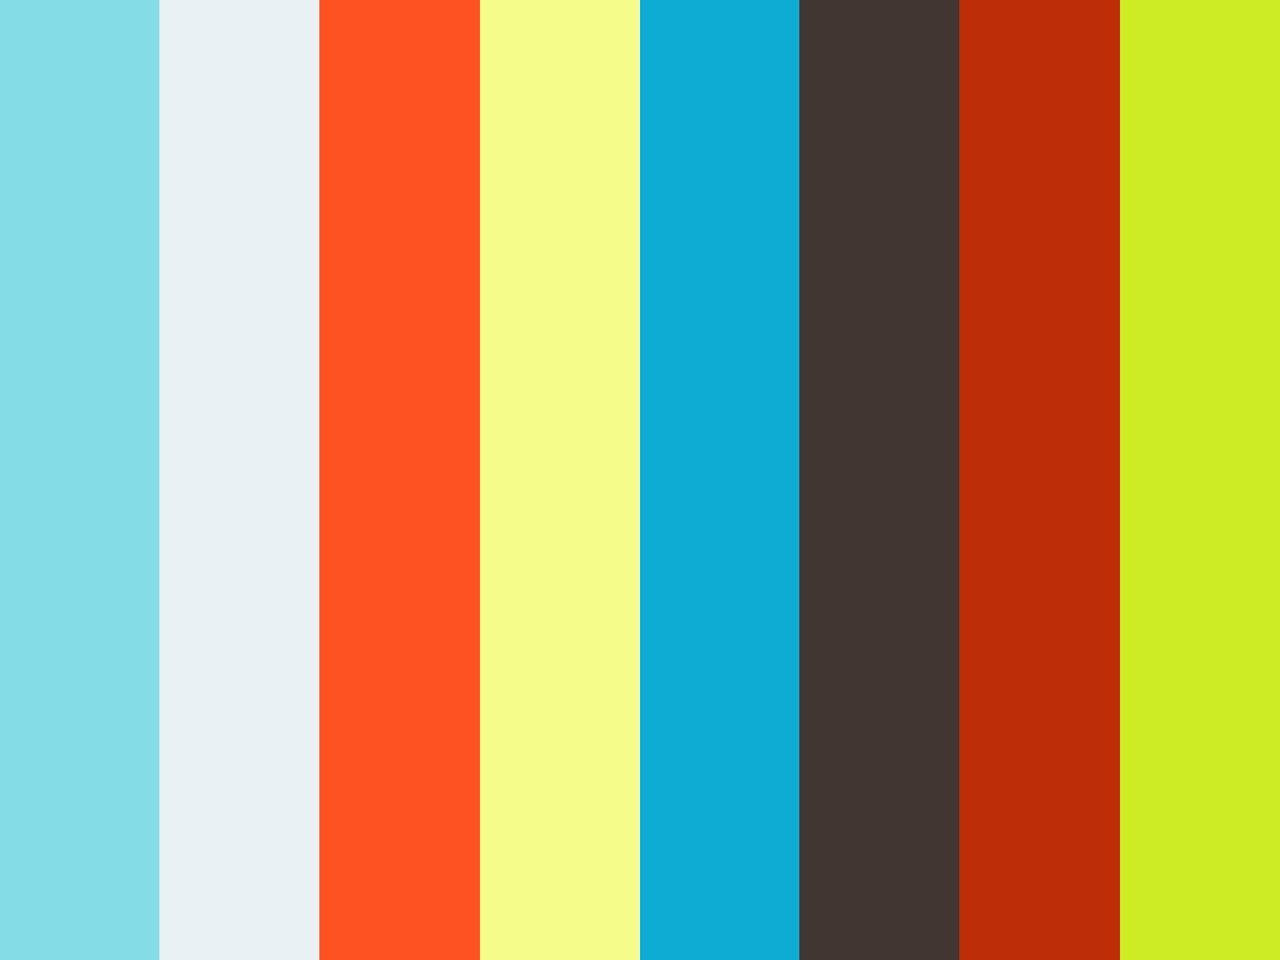 МИСС МИФИ 2016: результаты видеоконкурса